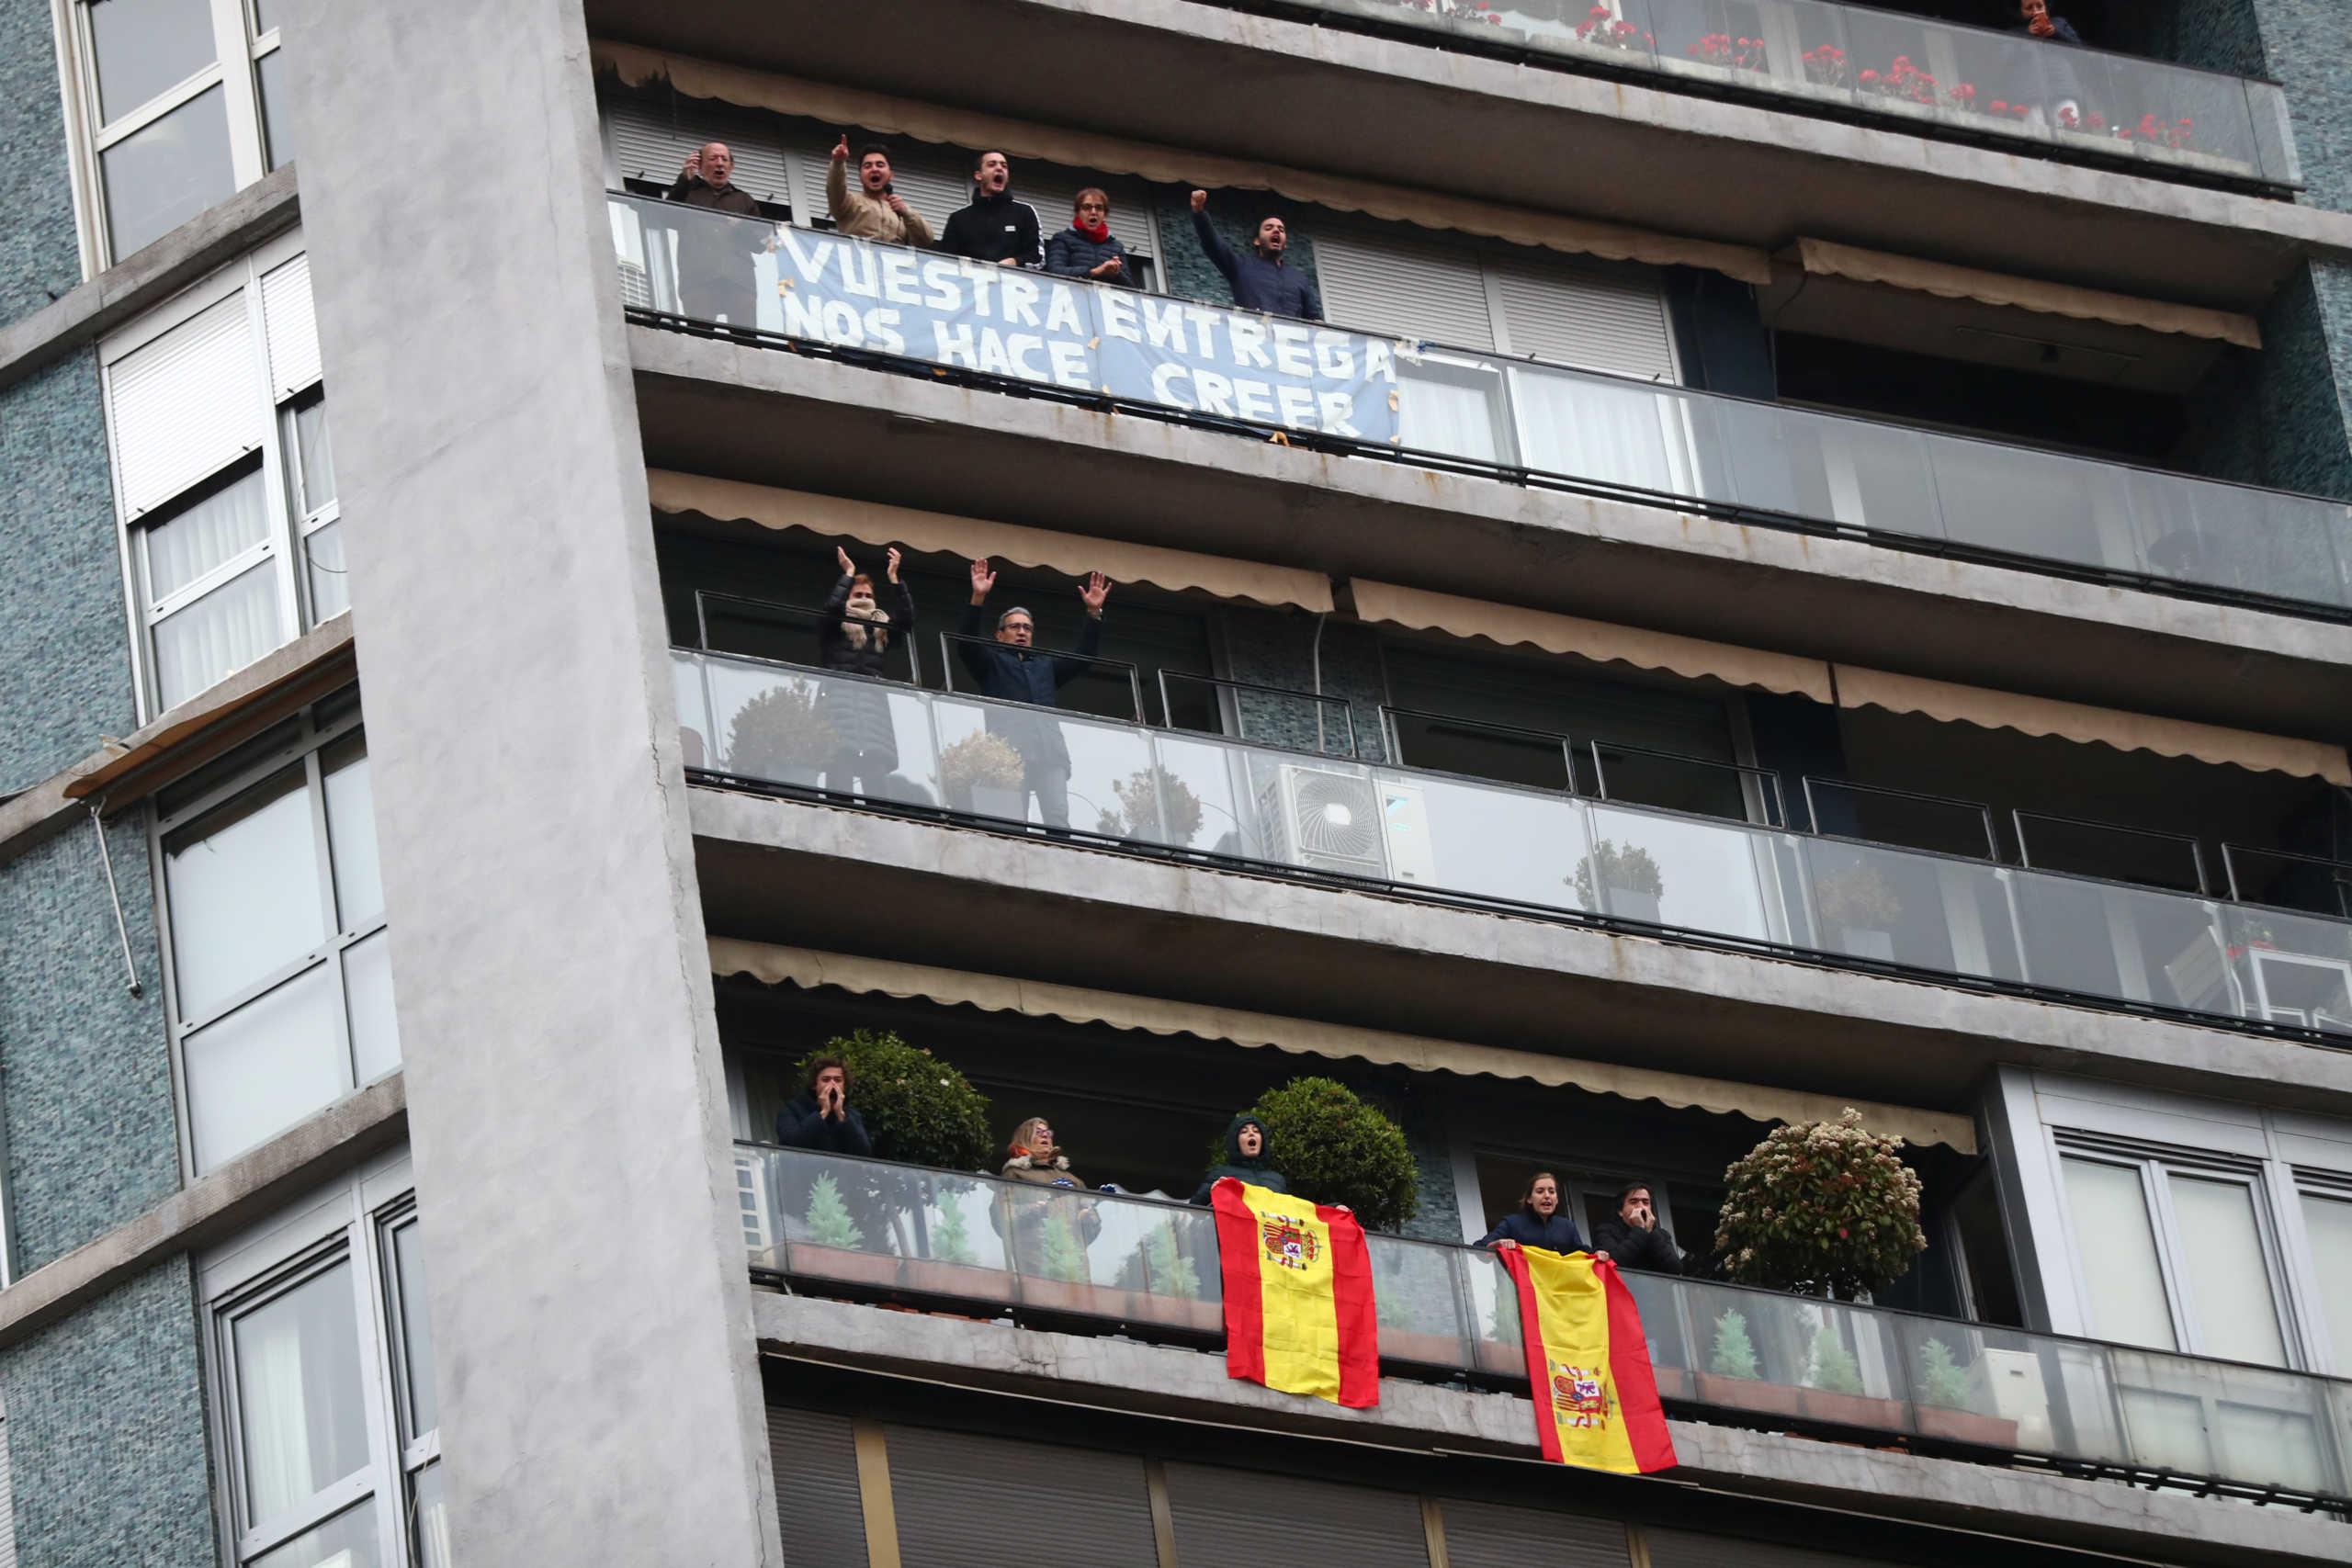 Αναστέλλονται οι εξώσεις στην Ισπανία – Δεν κόβεται ρεύμα ή νερό από τους ασυνεπείς καταναλωτές